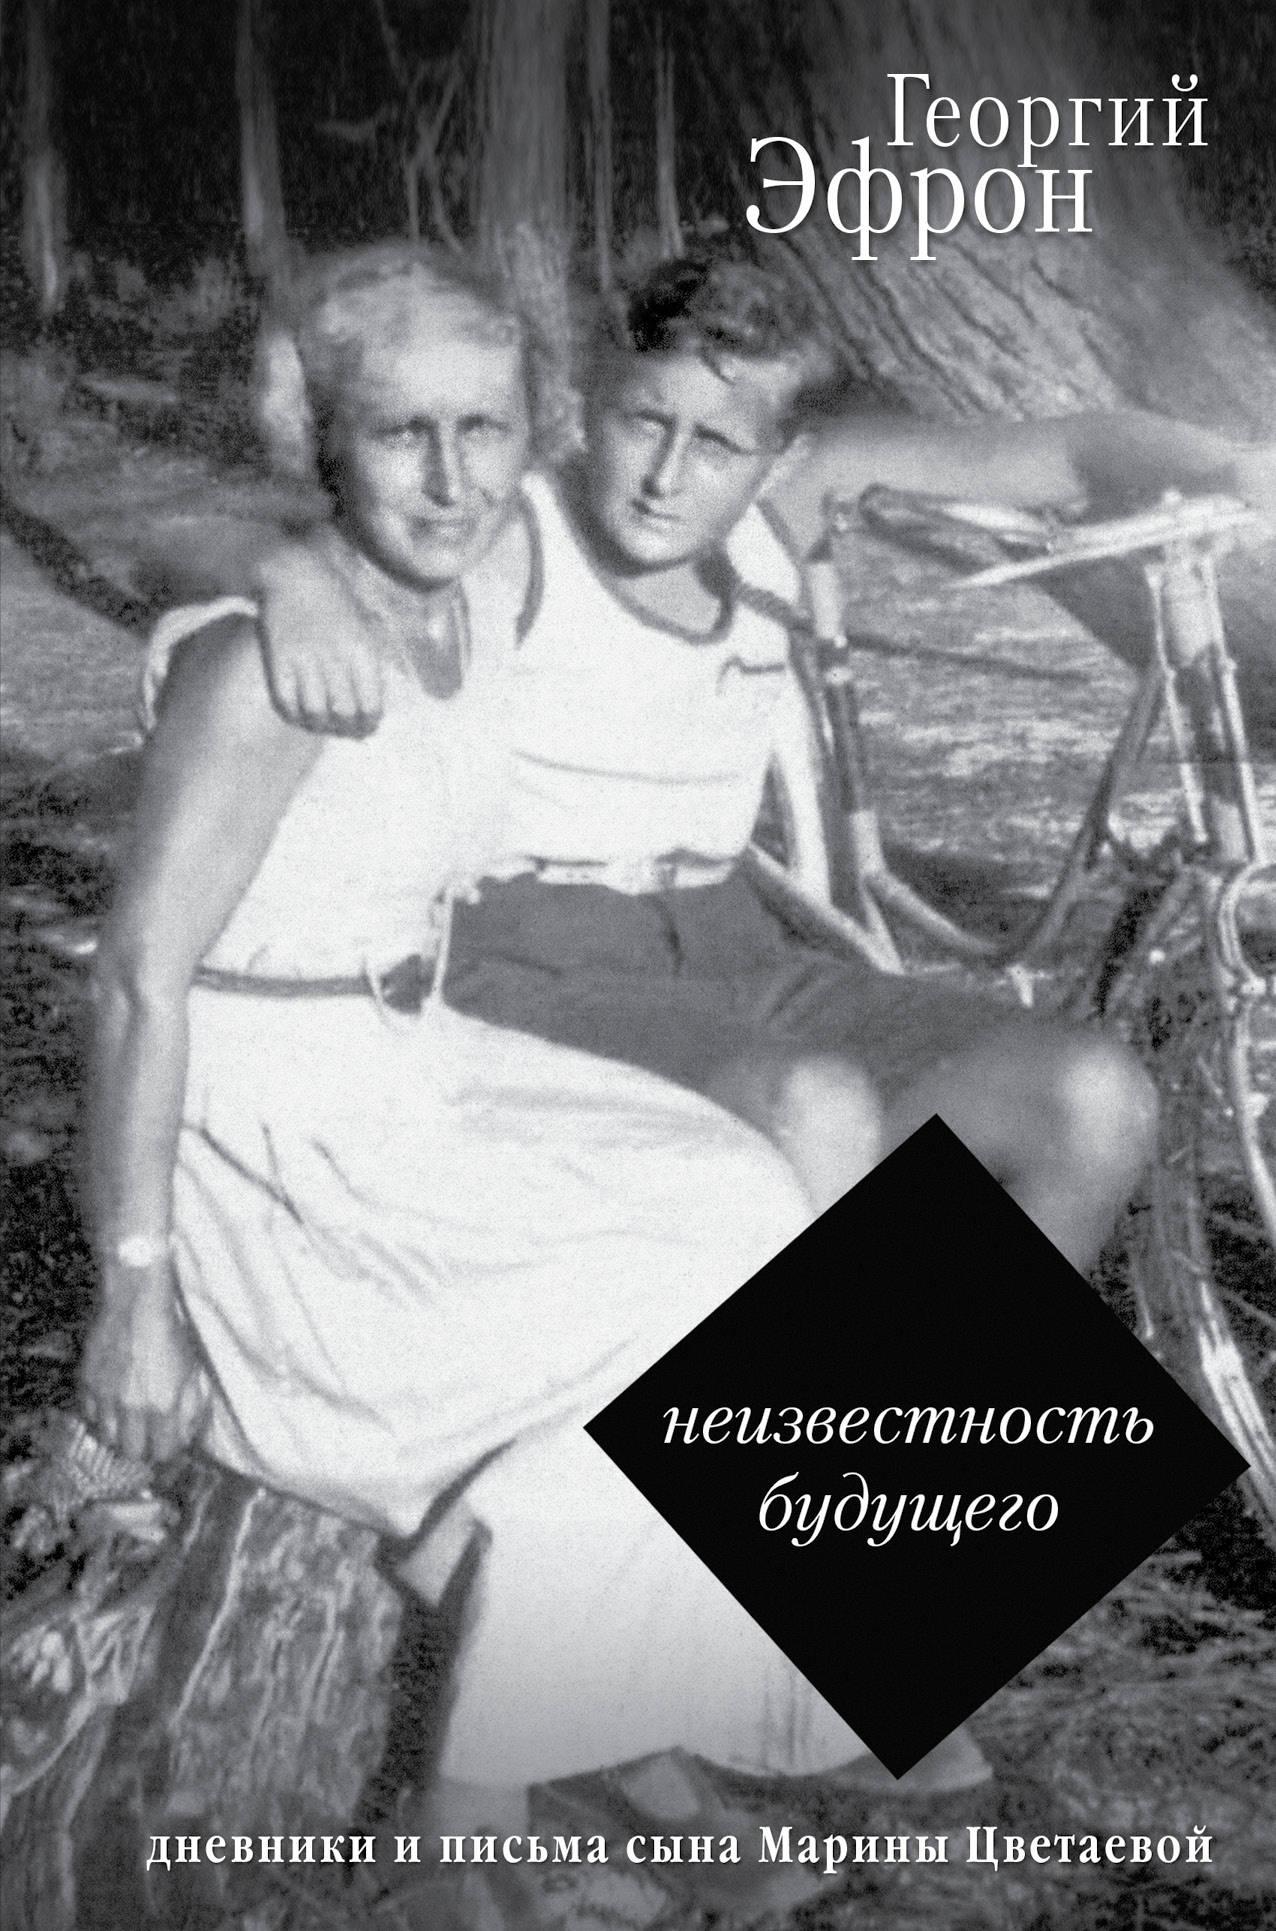 Эфрон Георгий Сергеевич Неизвестность будущего. Дневники и письма сына Марины Цветаевой